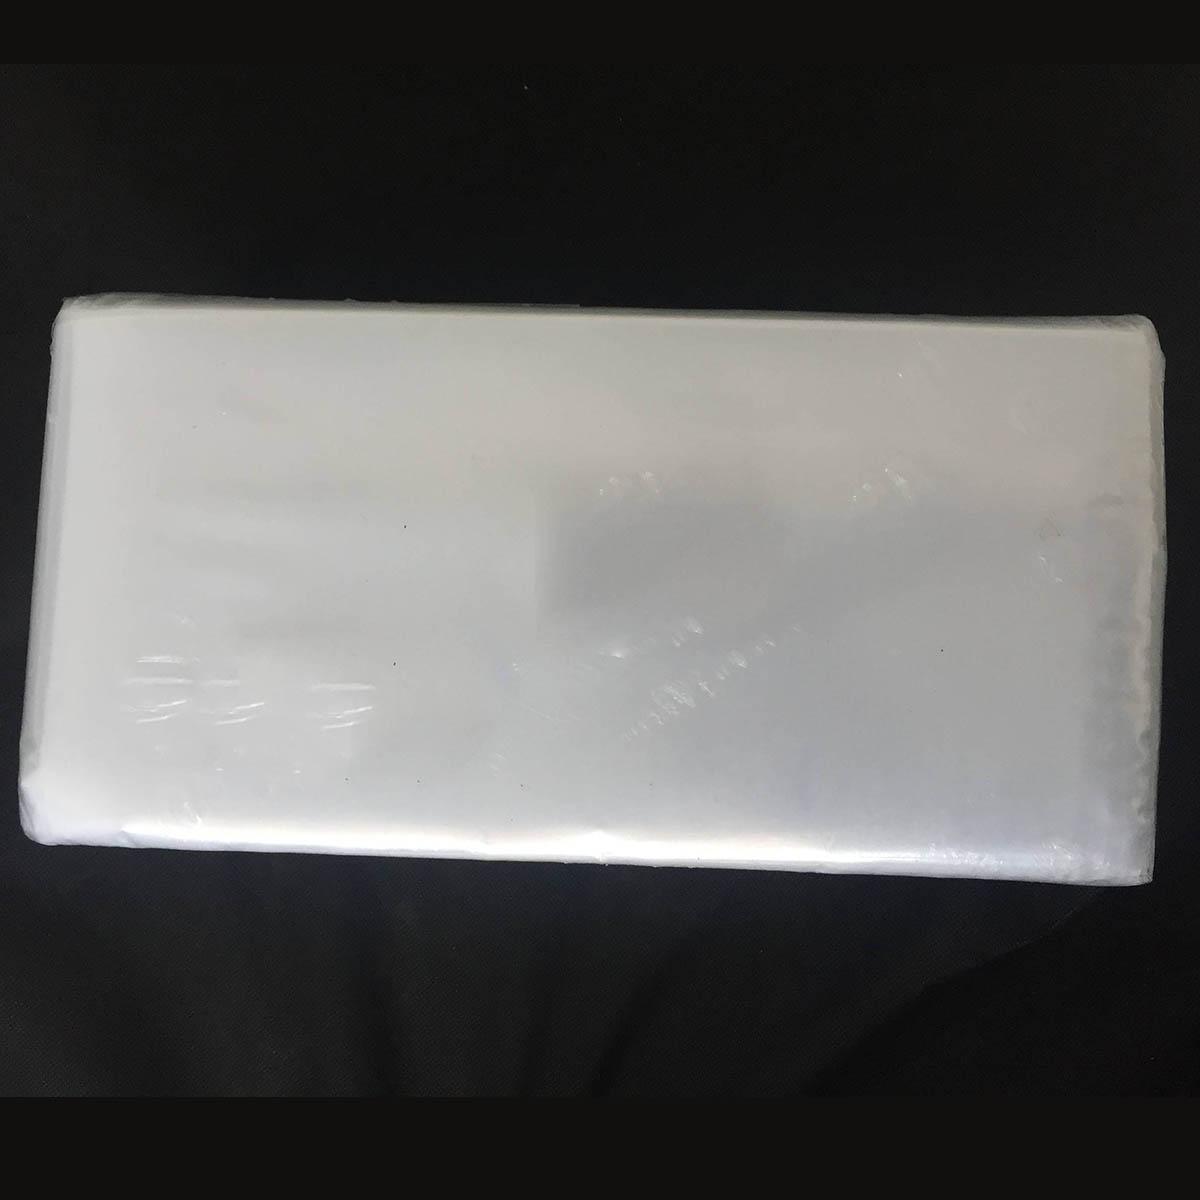 Saco Plástico Cristal Transparente 1Kg